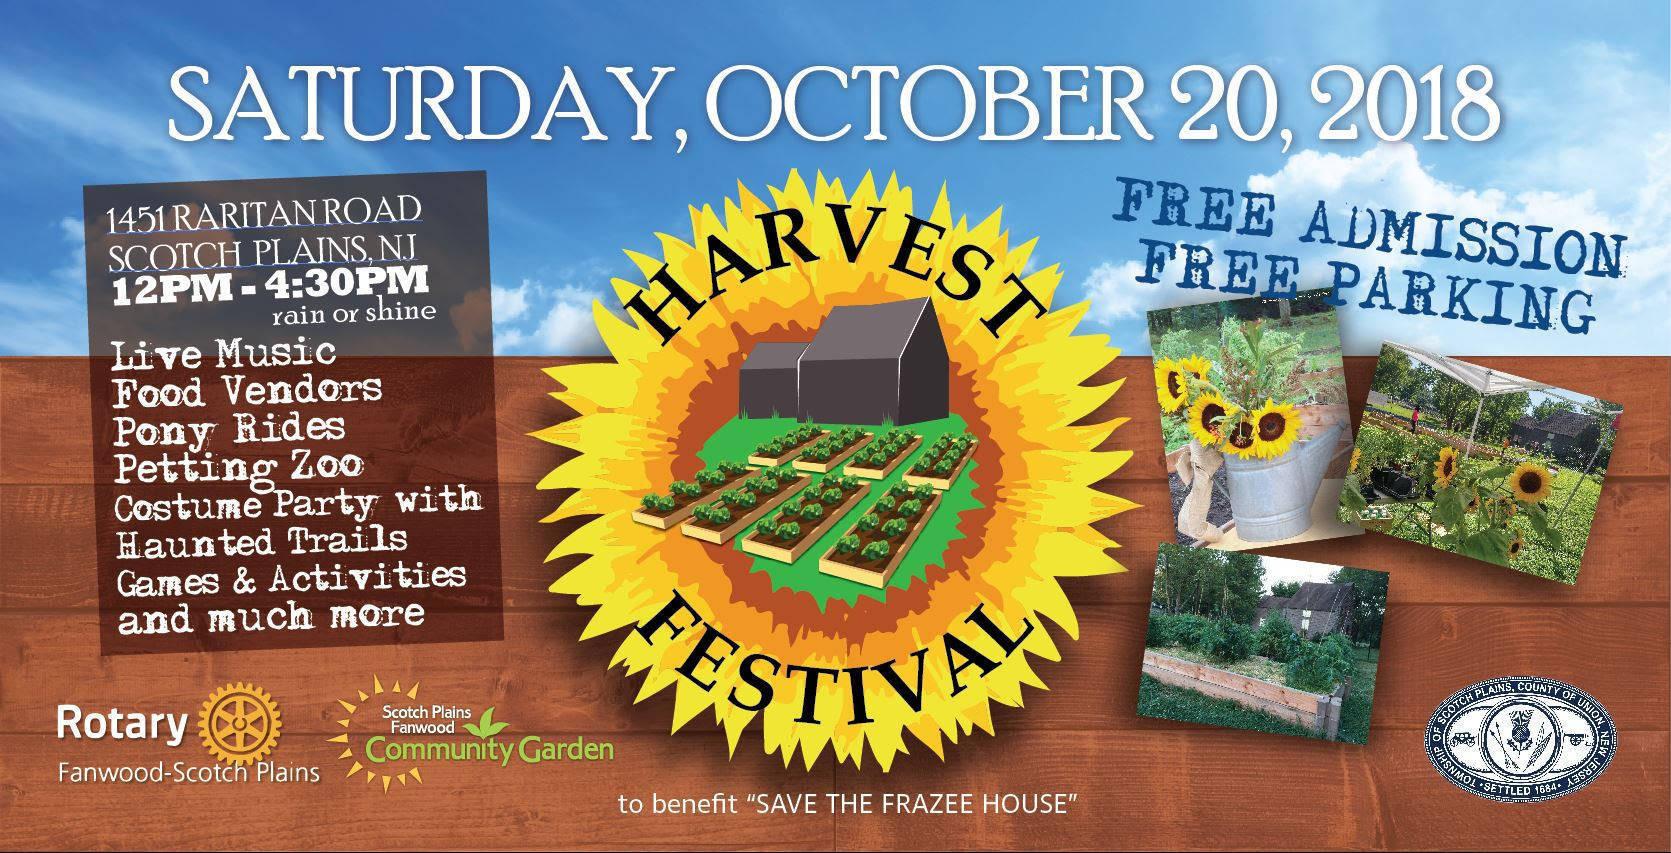 Harvest Festival image.jpg